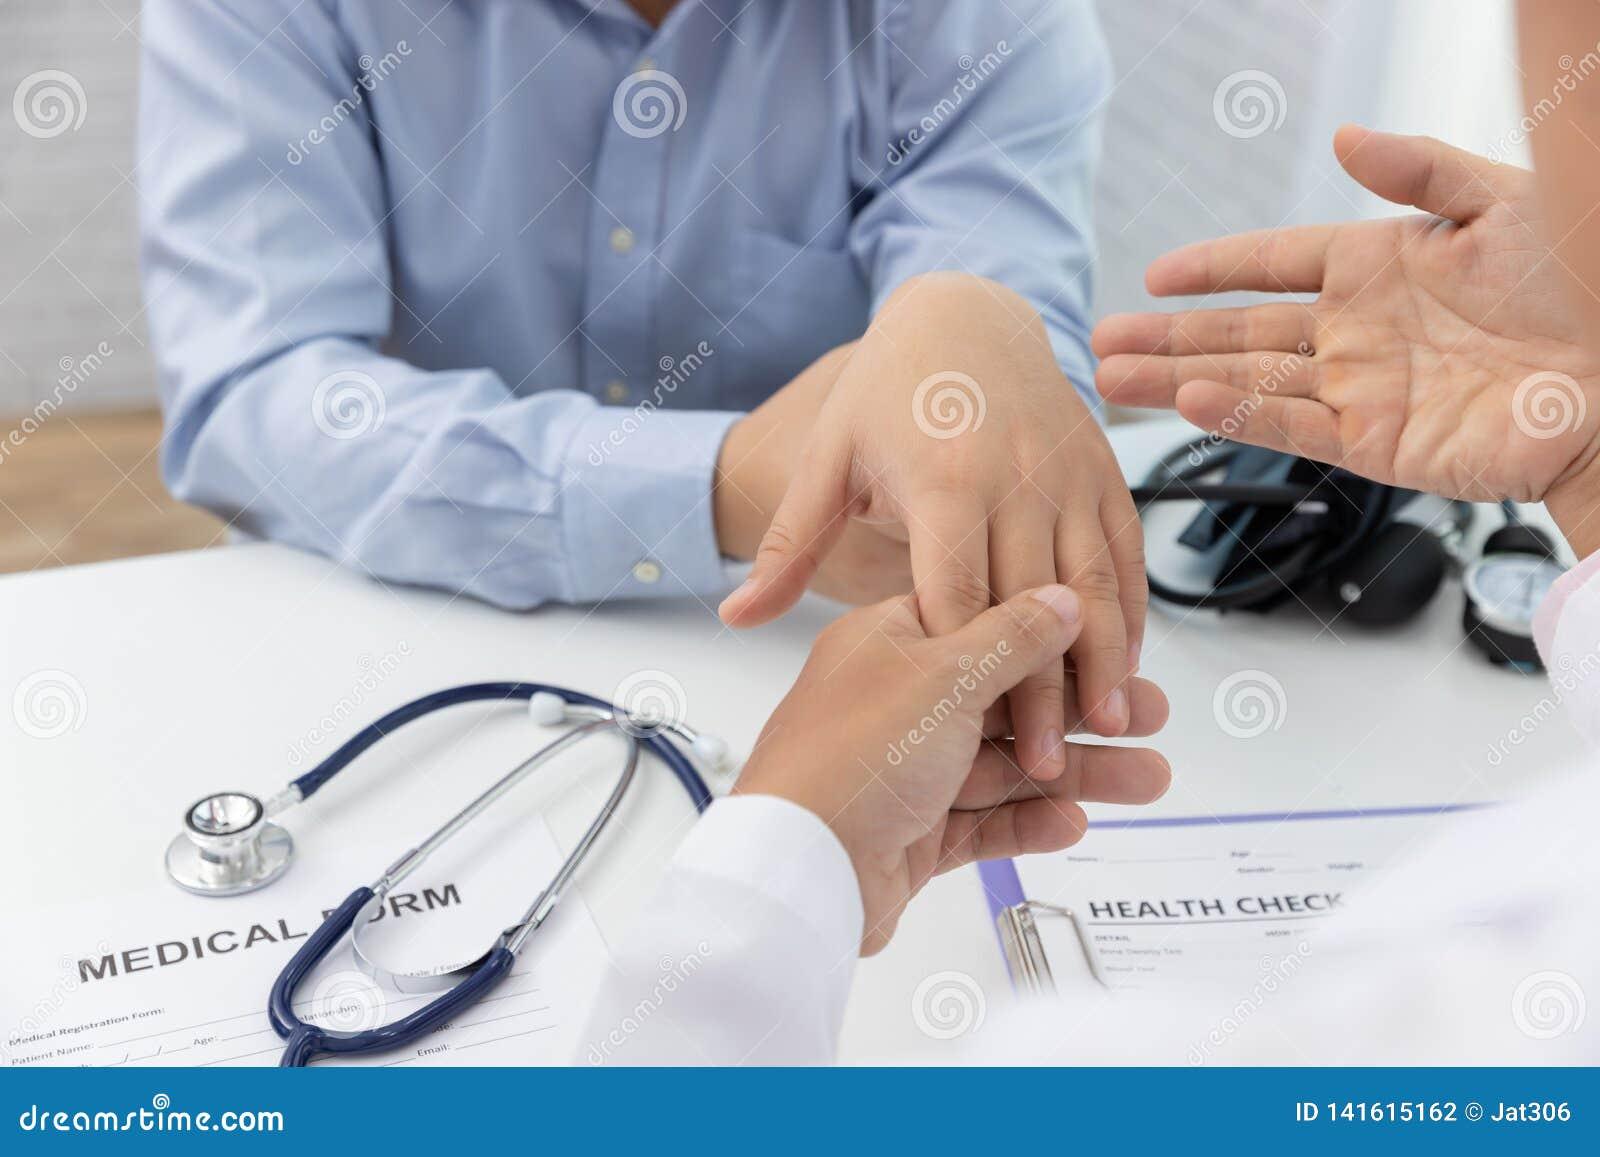 Sjukvården och det medicinska begreppet, doktor förklarar handleden smärtar tecken och medicinsk behandling till patienten i sjuk